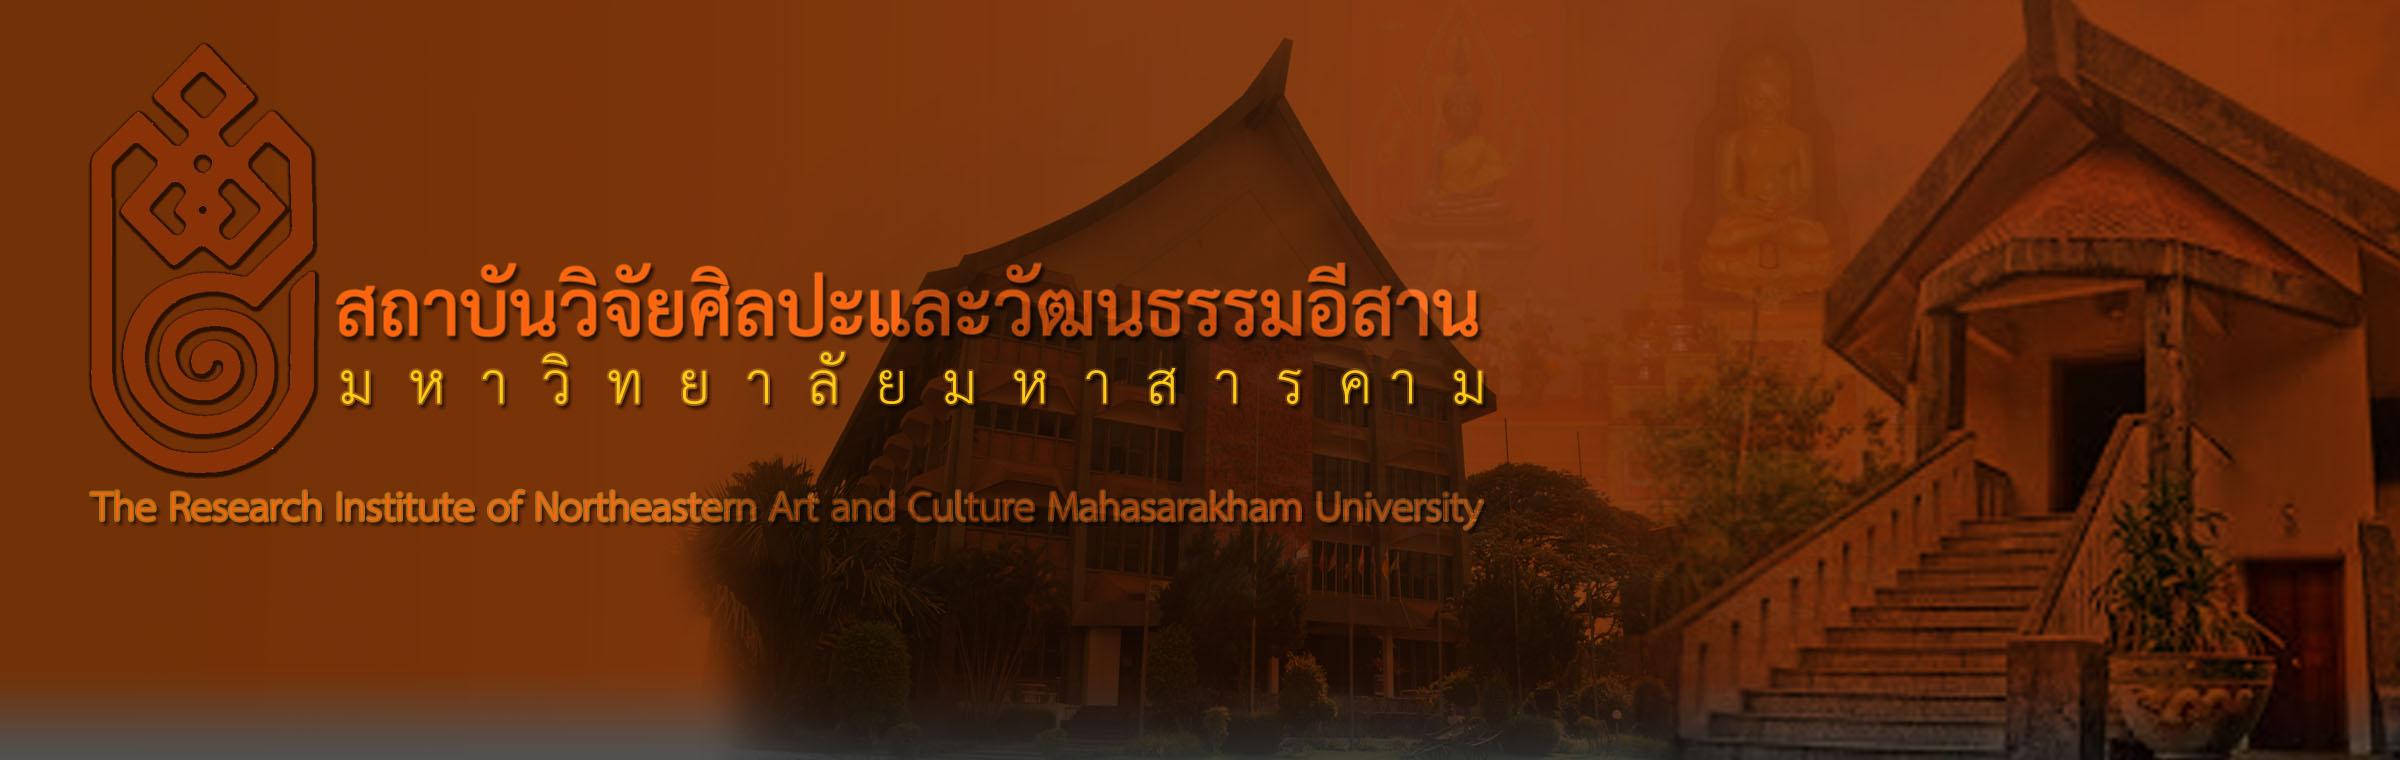 สถาบันวิจัยศิลปะและวัฒนธรรมอีสาน มหาวิทยาลัยมหาสารคาม : The Research Institute of Northeastern Art and Culture (RINAC) Mahasarakham University